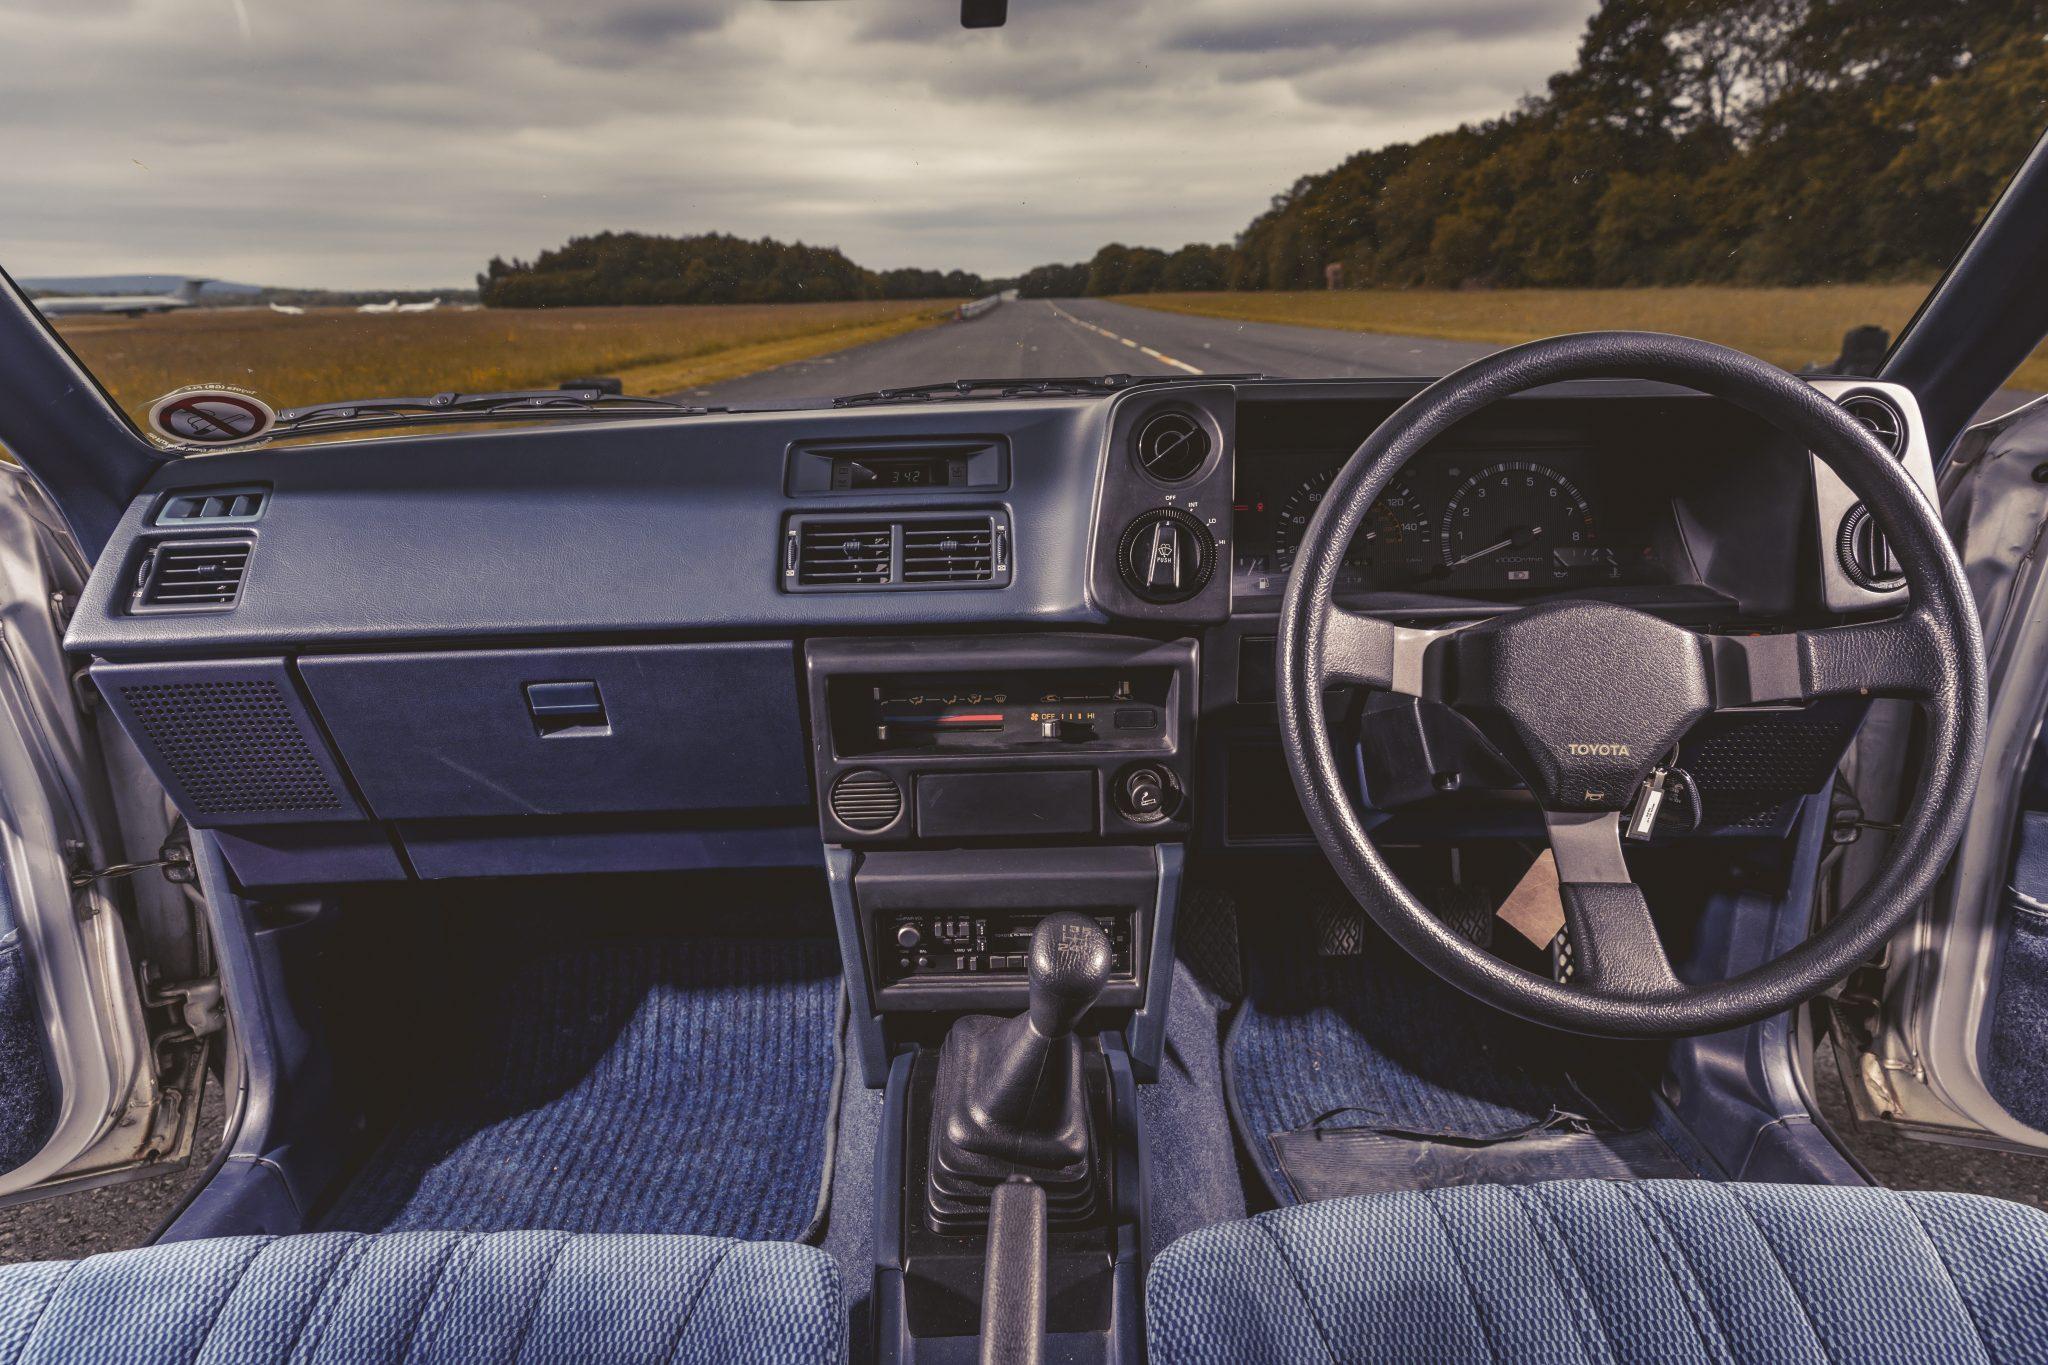 Toyota AE86 1983 interieur